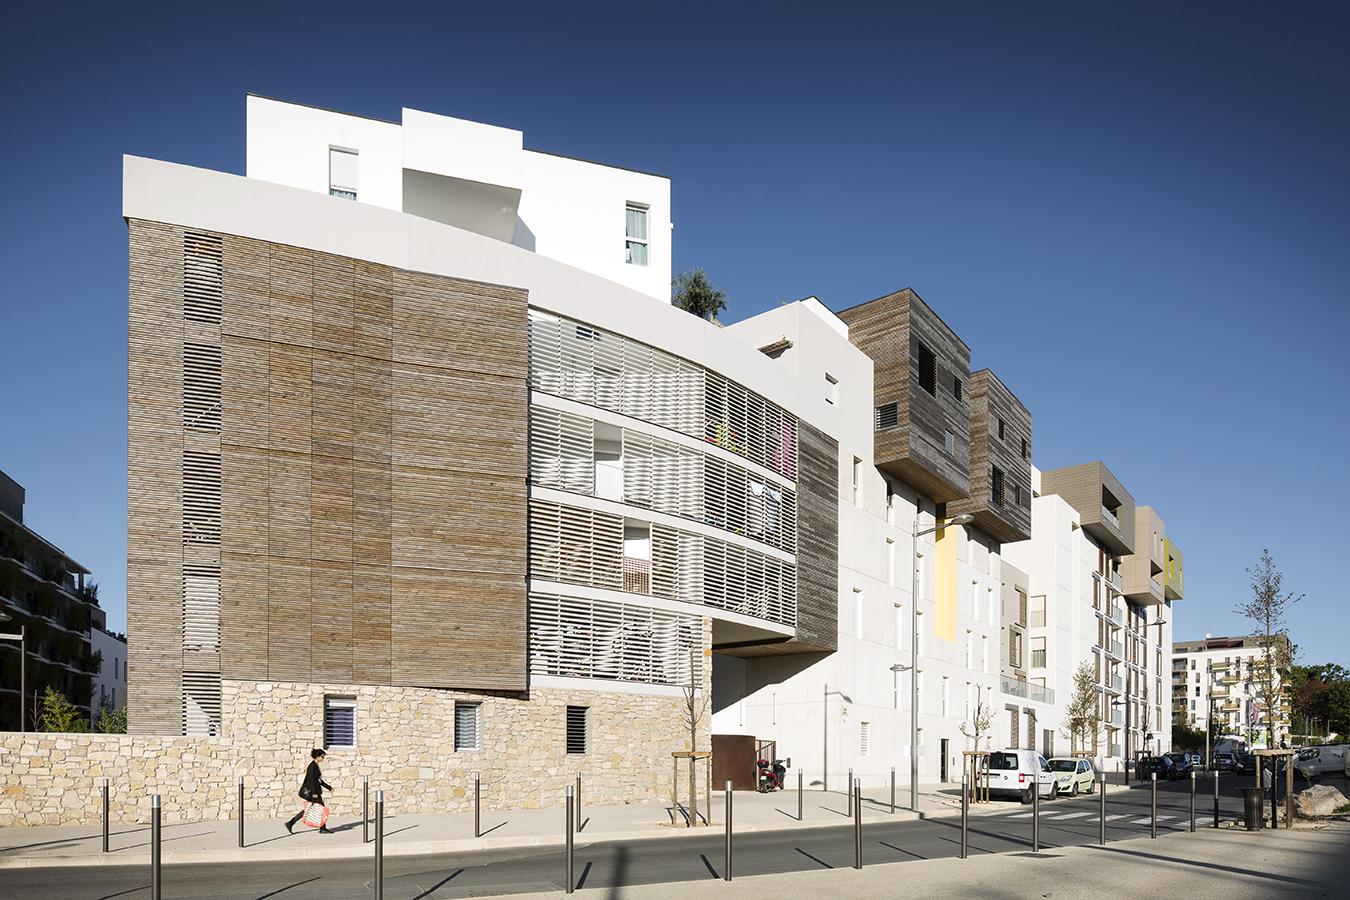 Résidence MArcel Proust Grisettes Montpellier